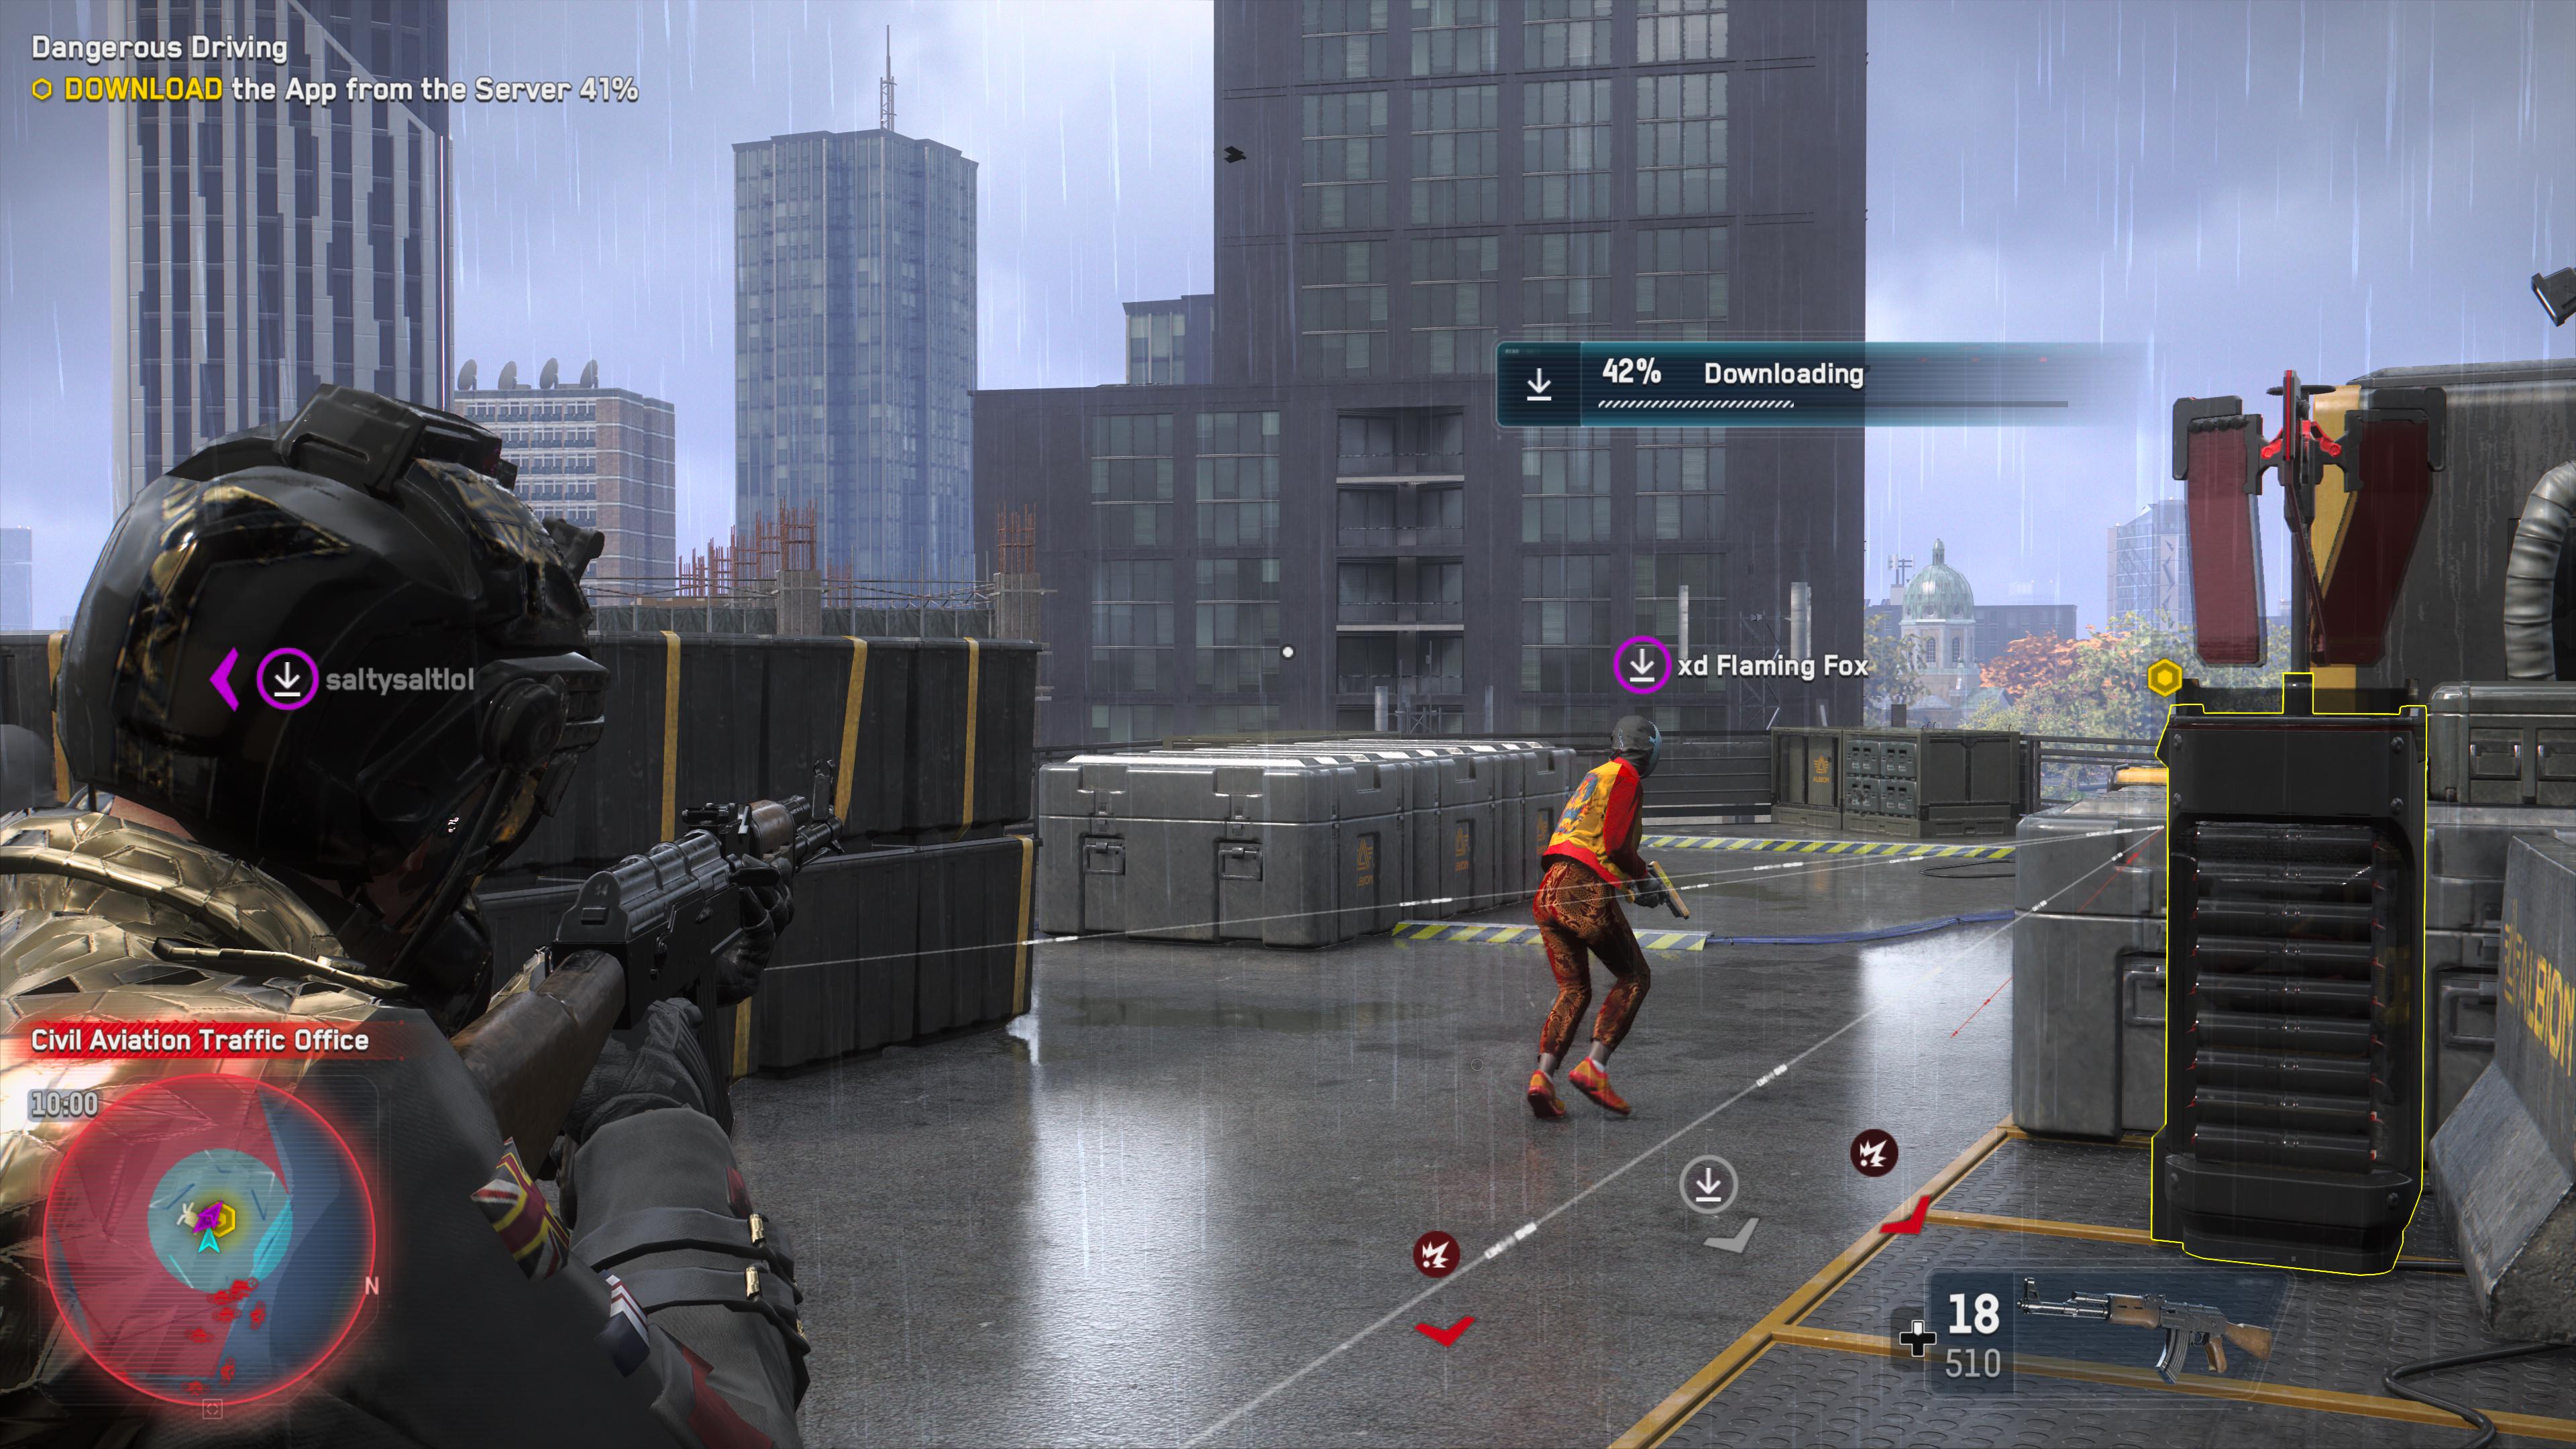 Le travail d'équipe est essentiel pour venir à bout des missions en coop dans le mode multijoueur de Watch Dogs Legion